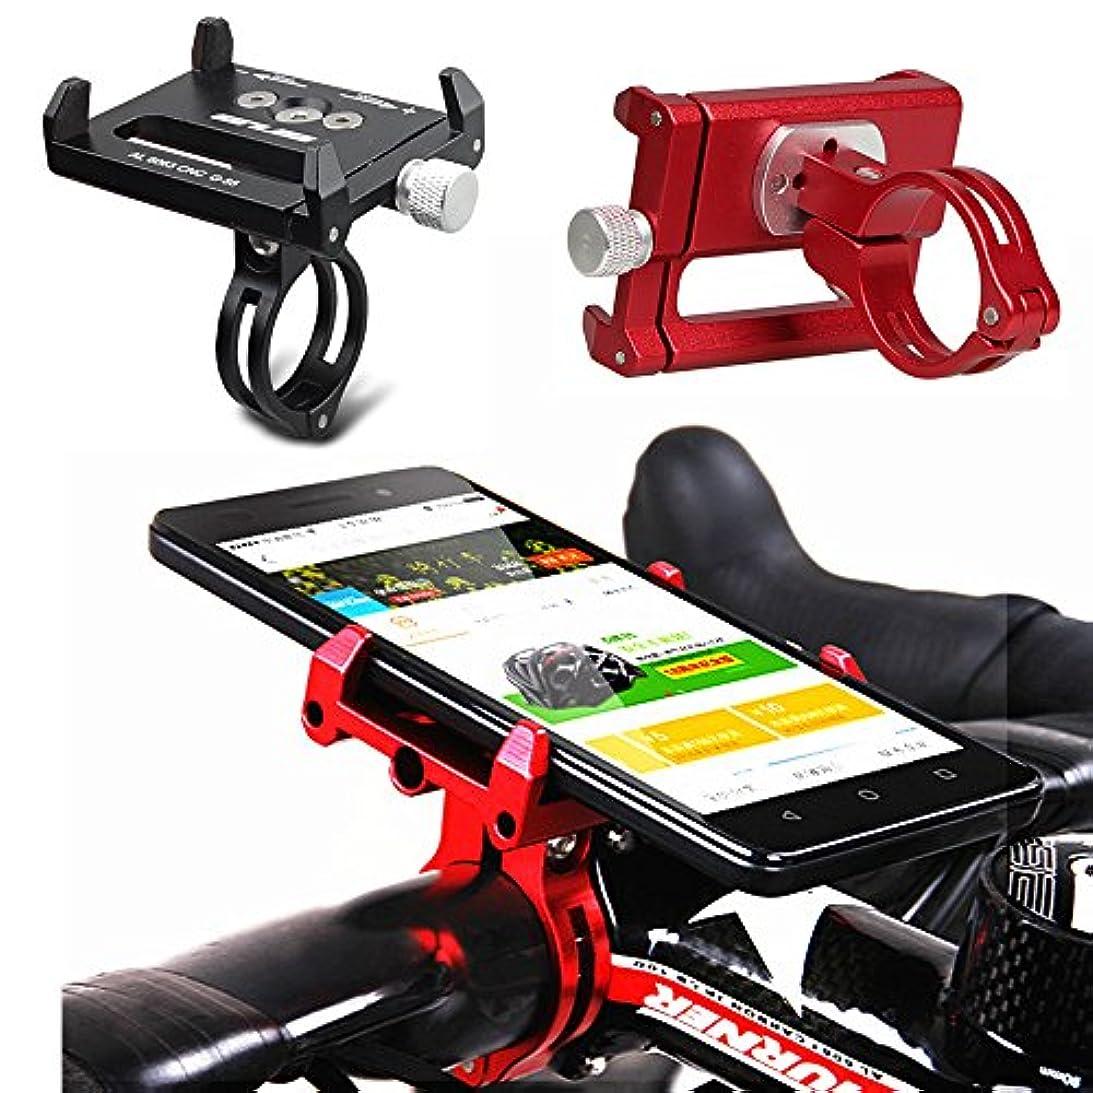 声を出して常に好みGUB G-85 自転車電話ホルダー アルミ合金 ハンドルバークリップスタンド マウントブラケット 3.5